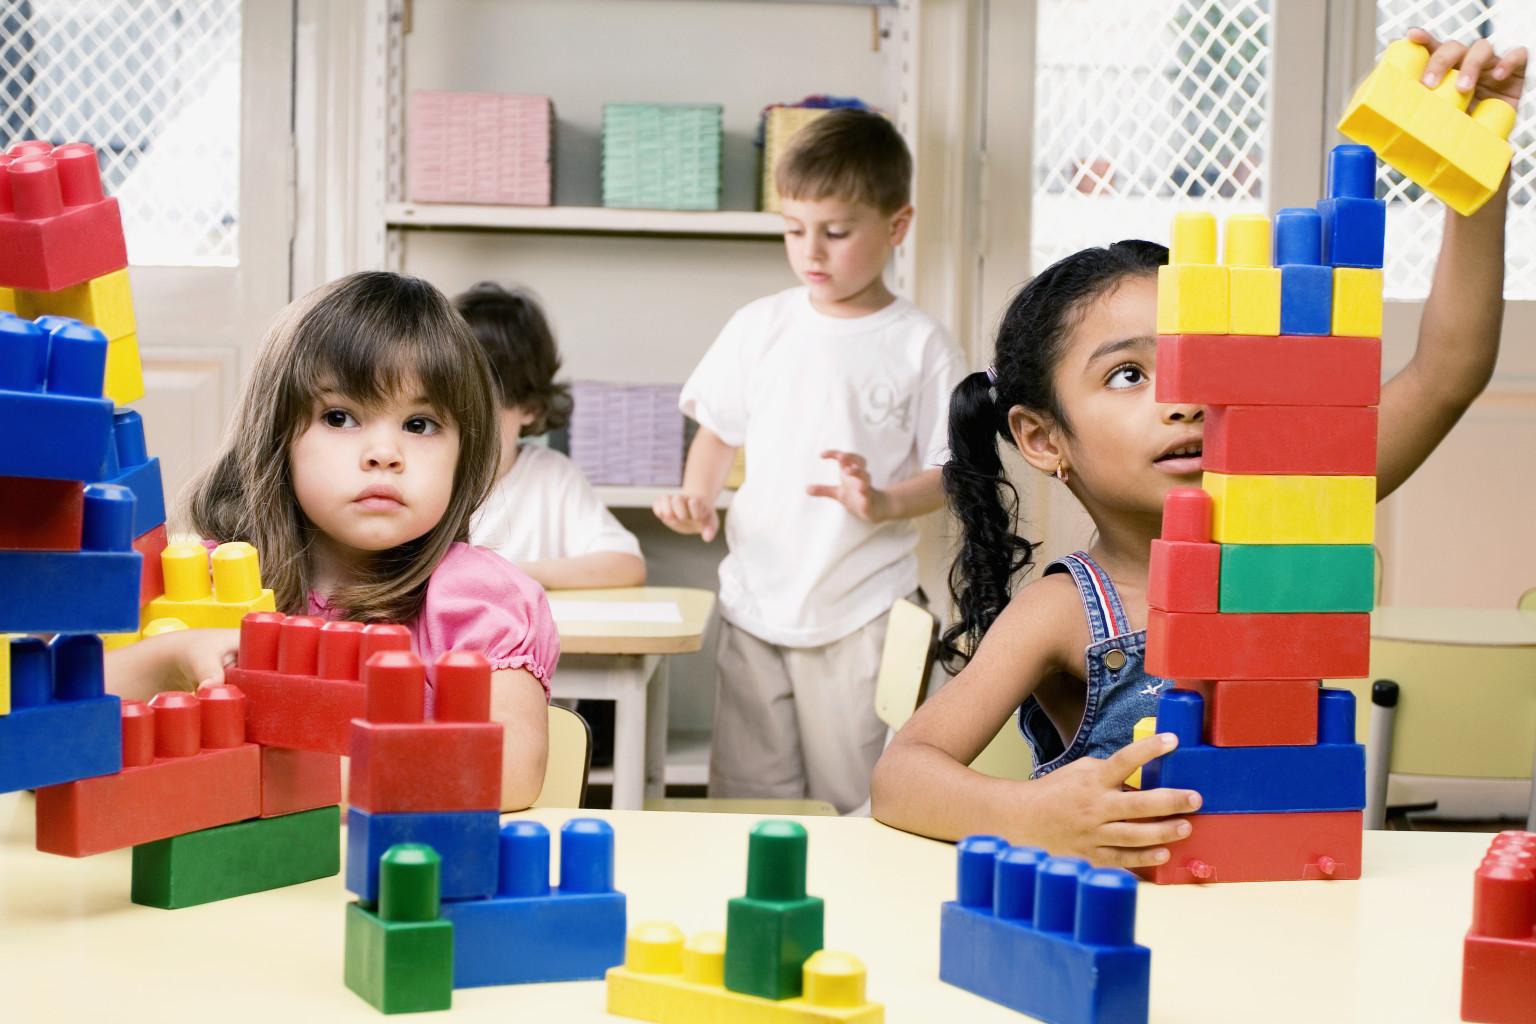 Where do the children play? | Annie Fox's Blog